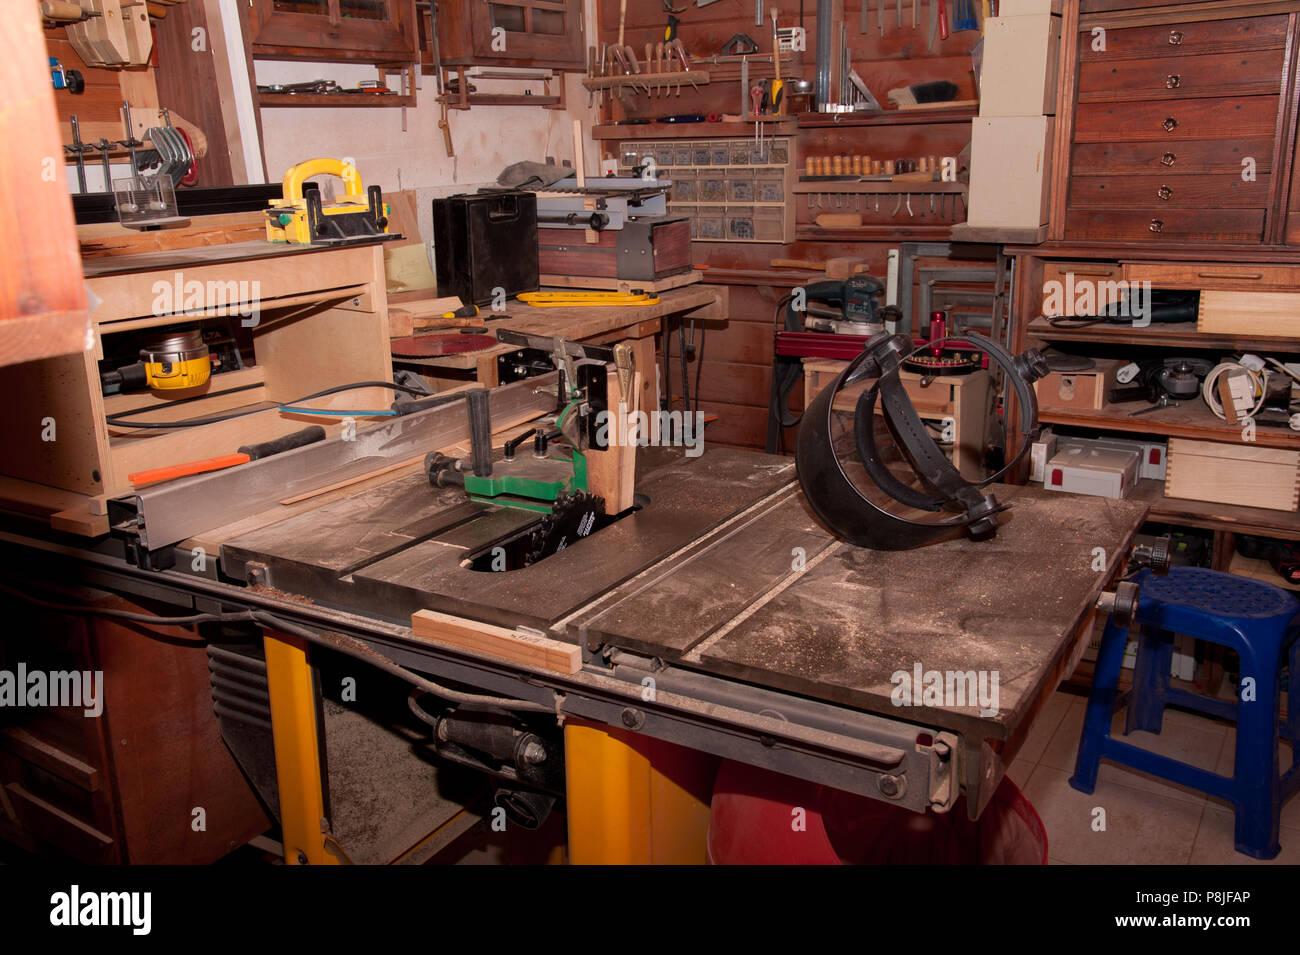 workshop - Stock Image